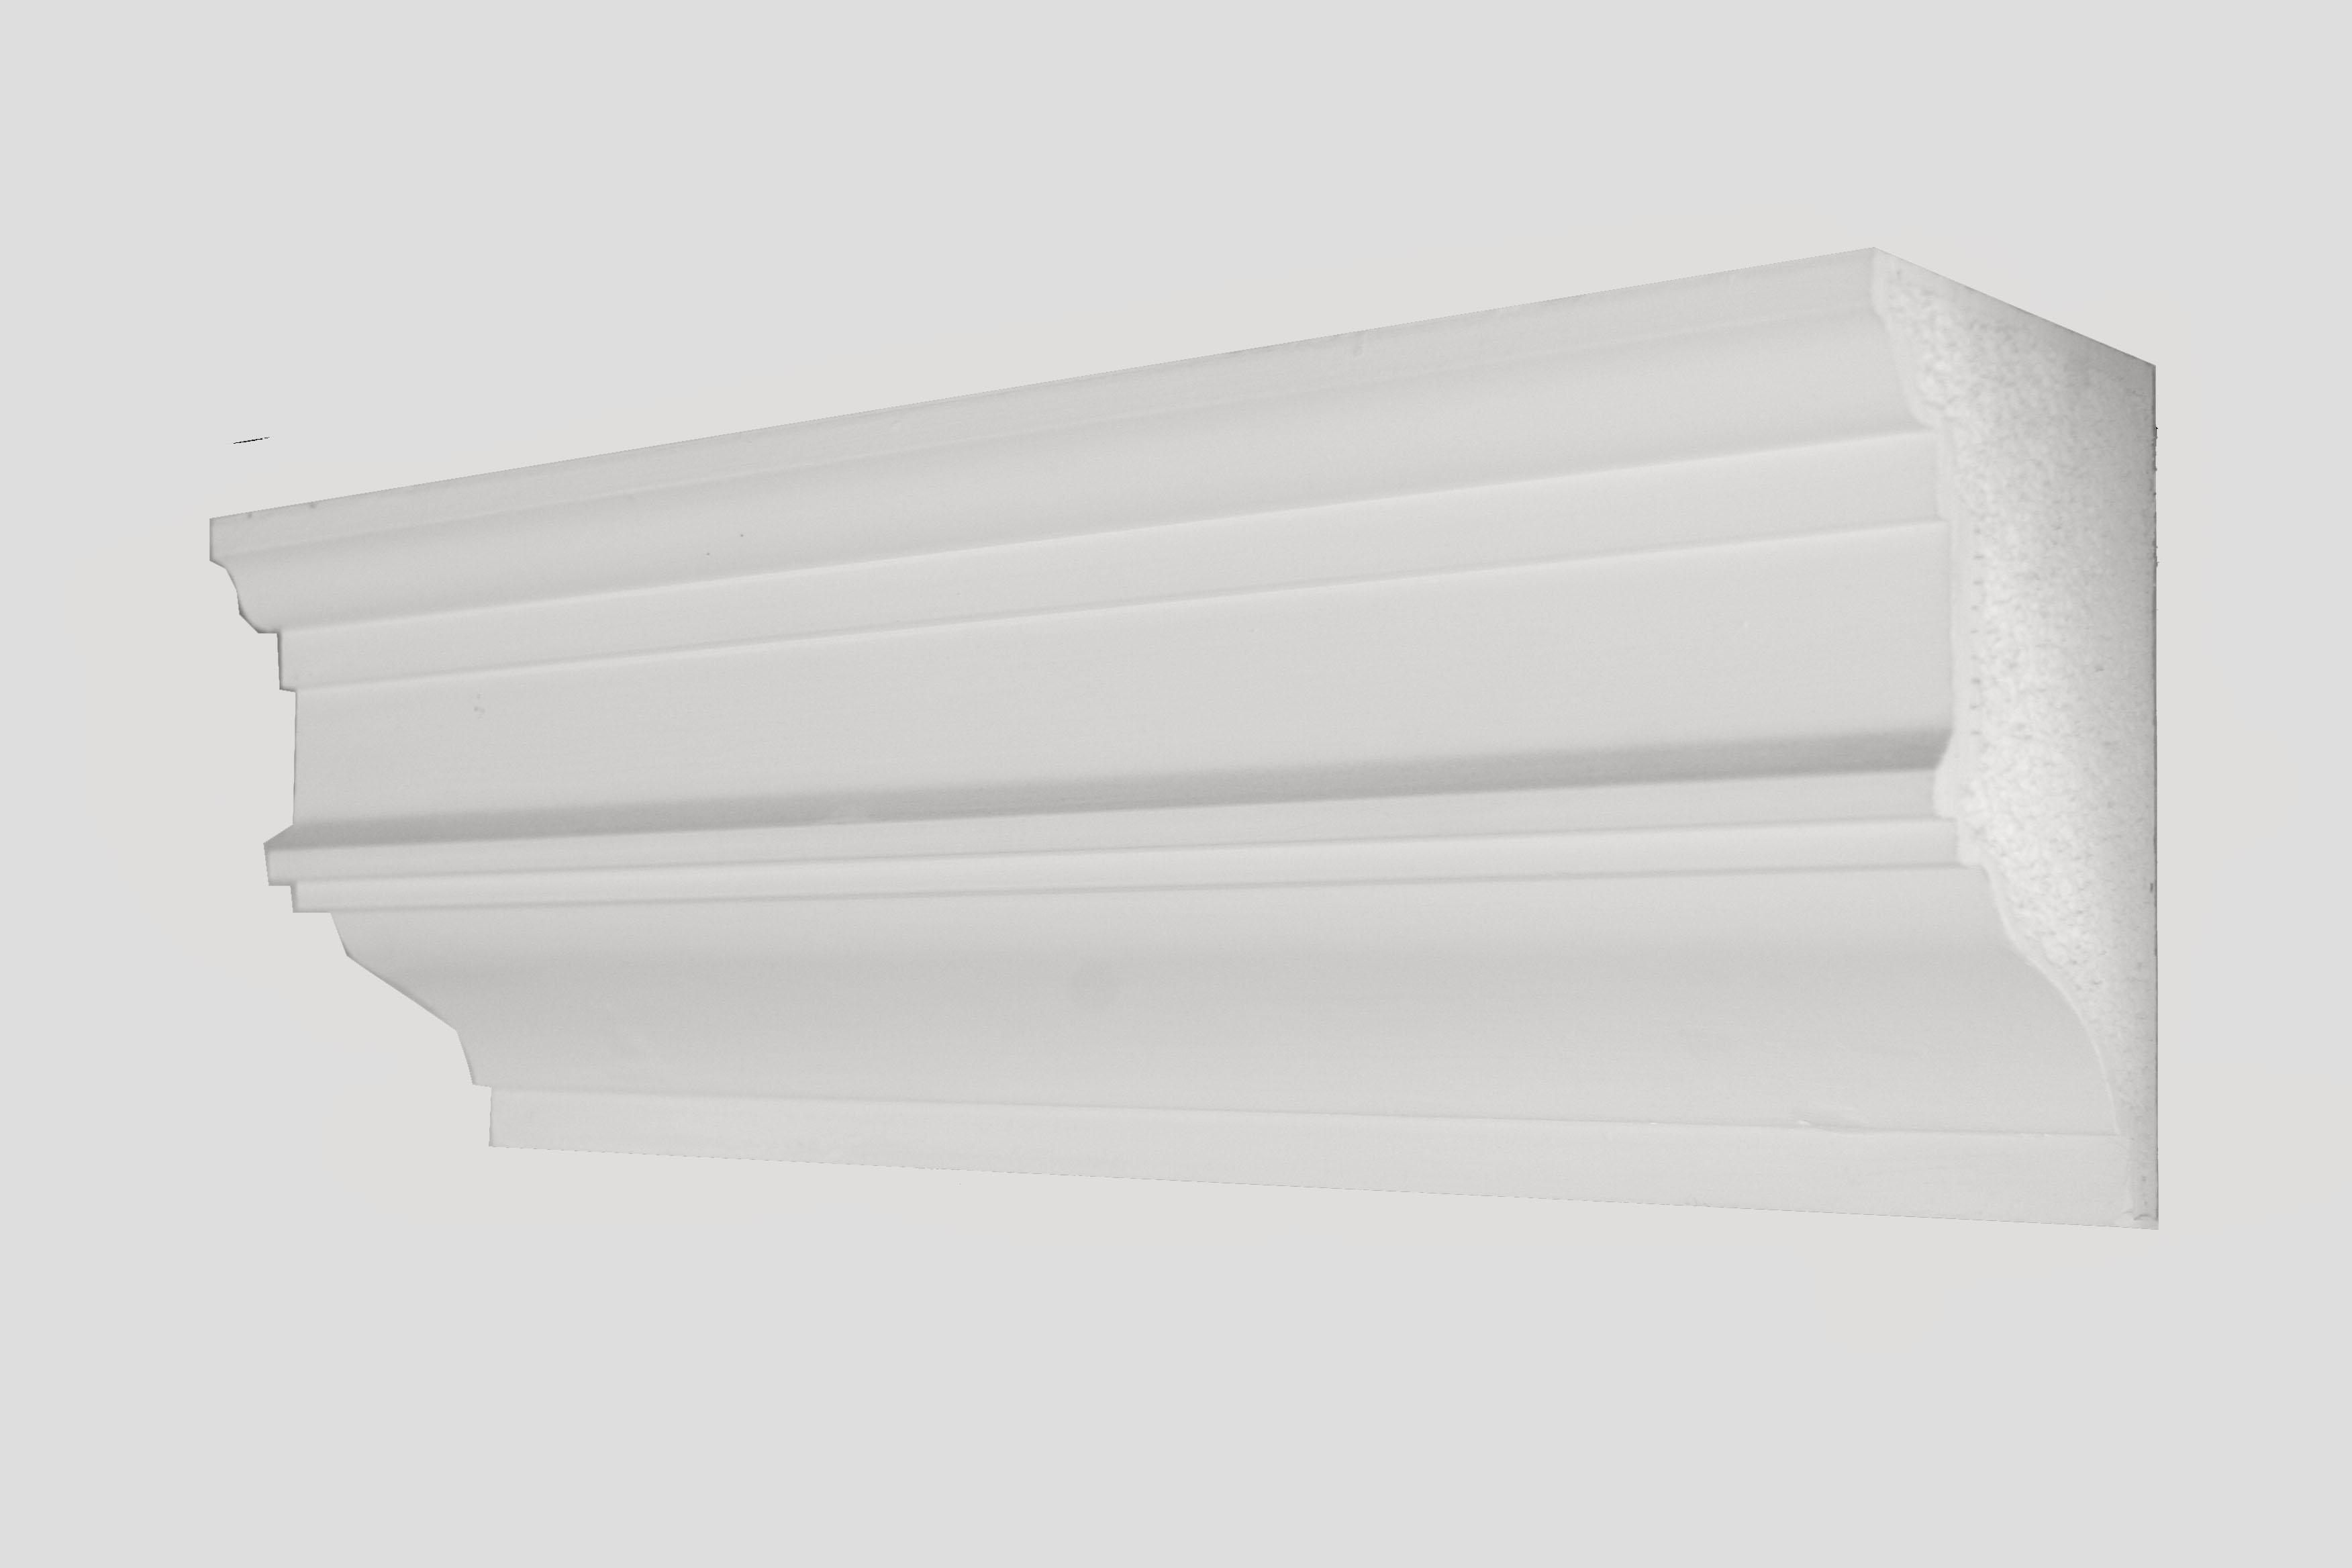 profil-6-404-10_2x15_2cm